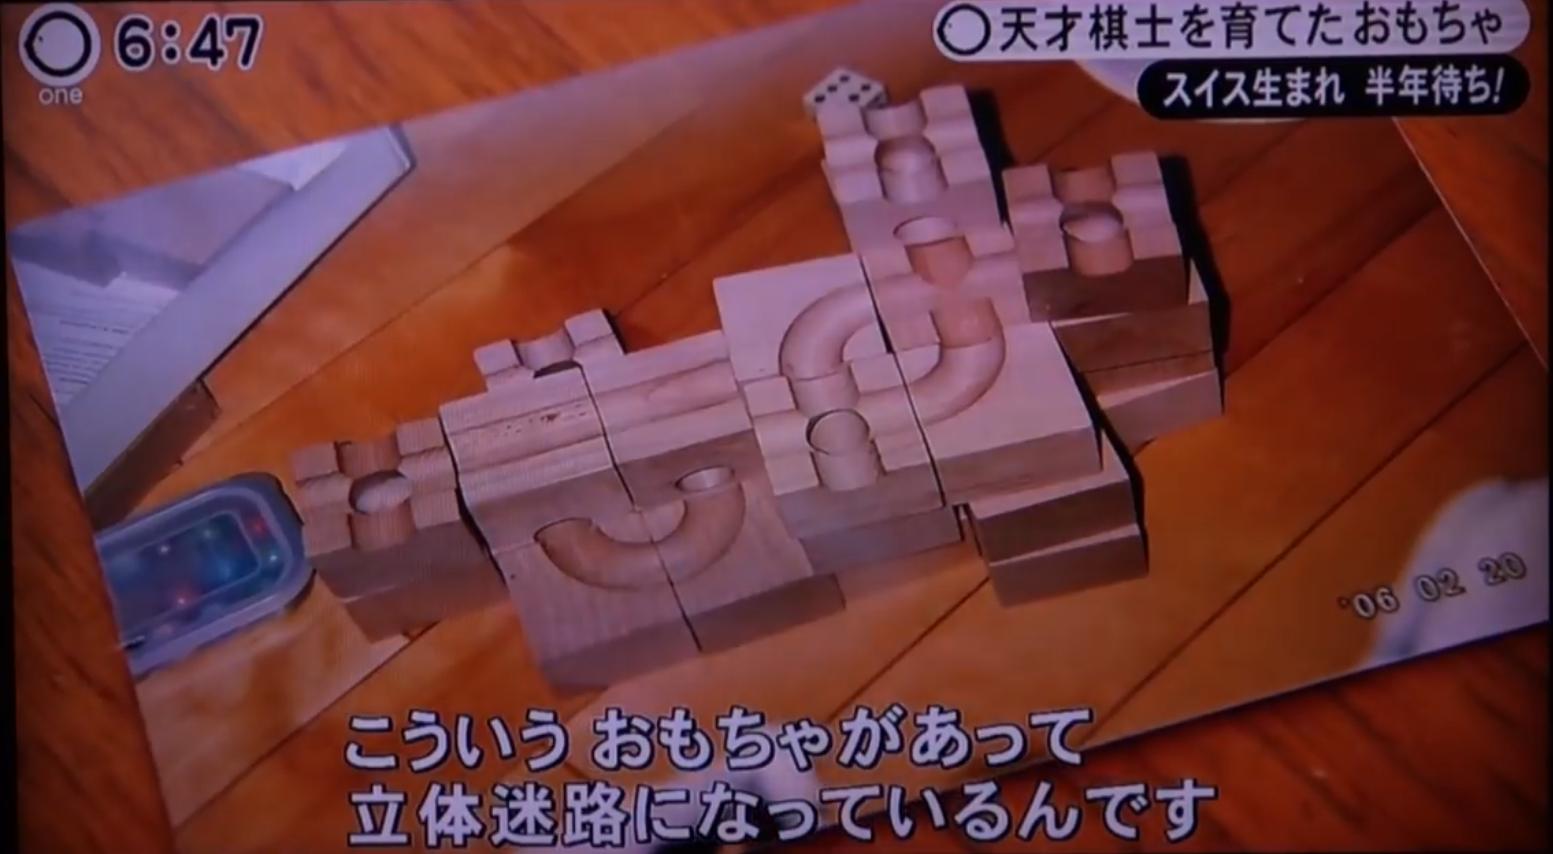 藤井聡太が3歳の時に作ったキュボロ作品